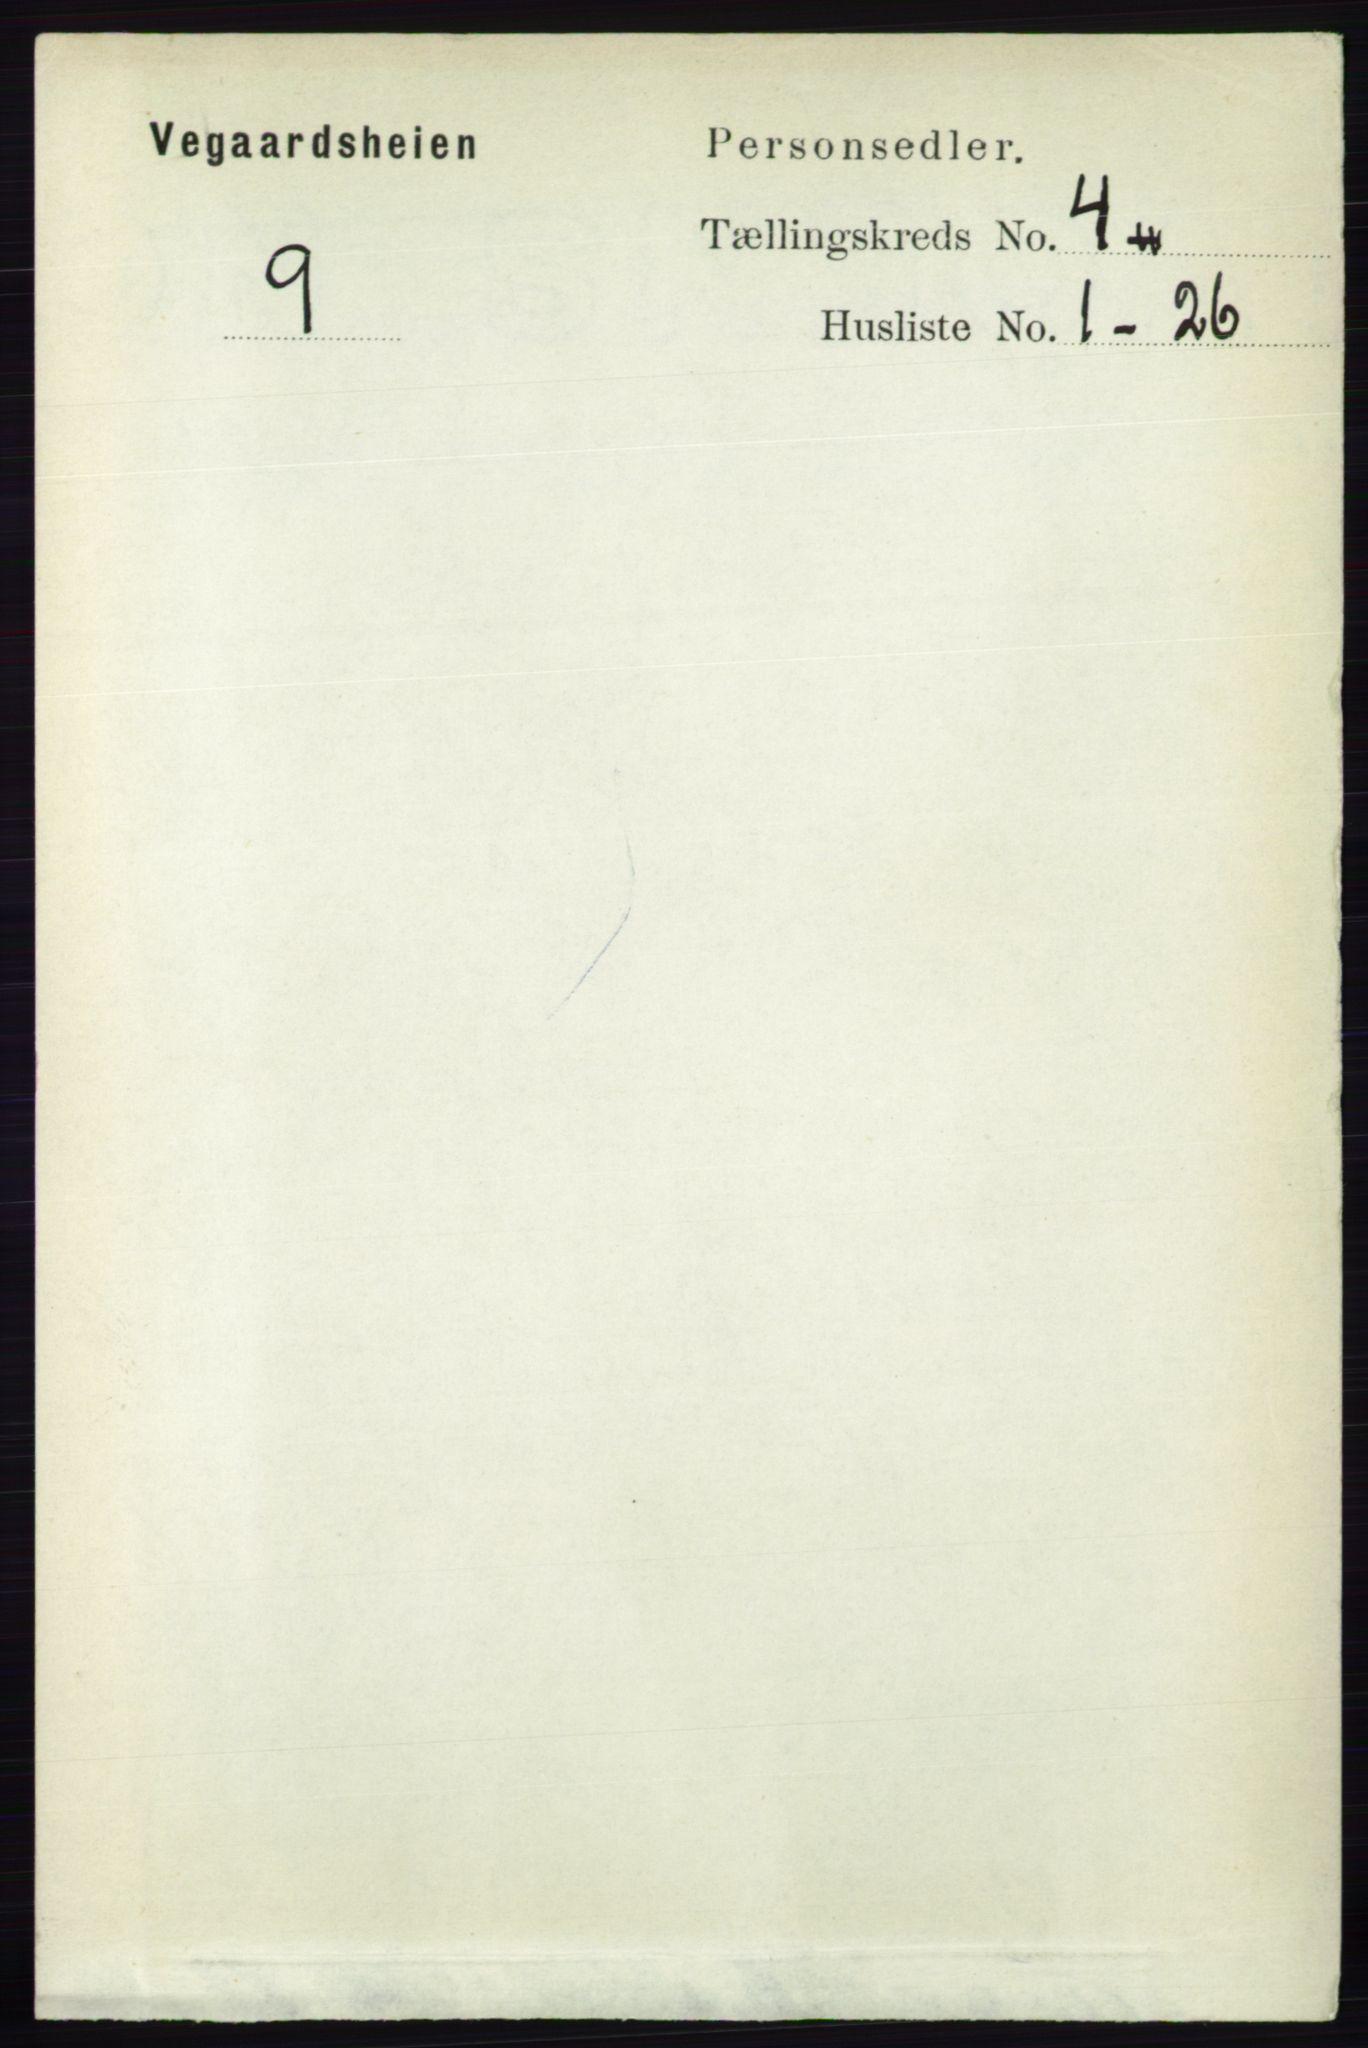 RA, Folketelling 1891 for 0912 Vegårshei herred, 1891, s. 757